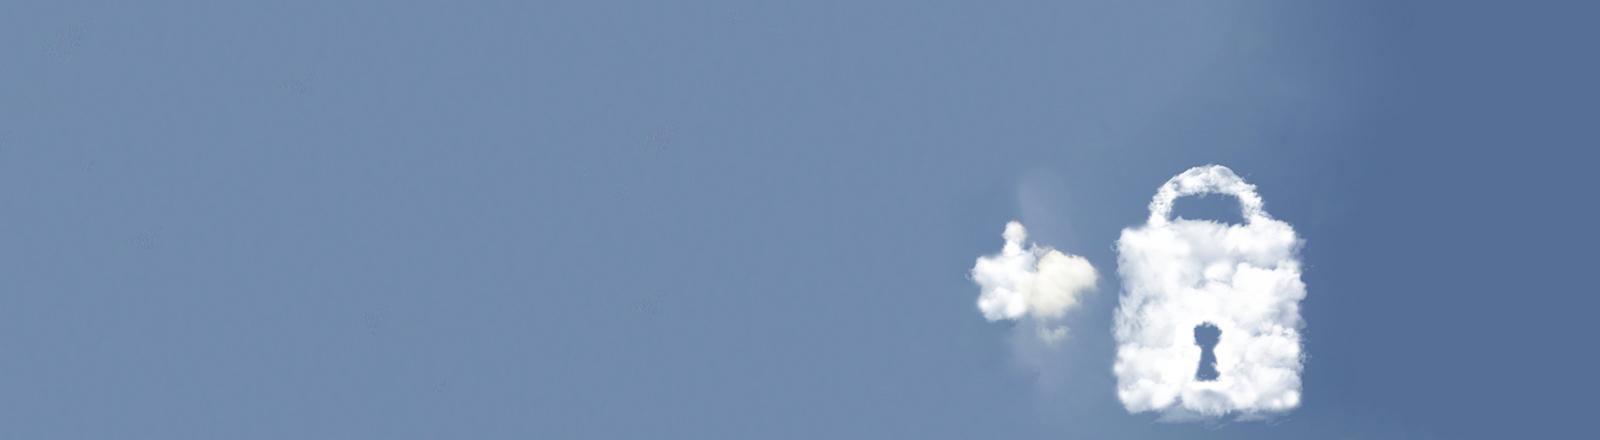 Symbolbild Datencloud - Wolken als Vorhänge-Schloß